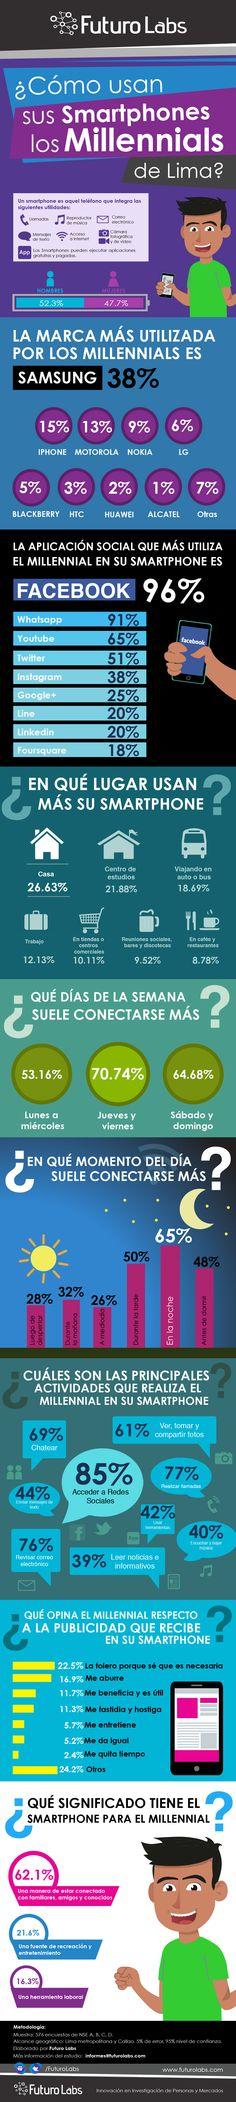 Los Millennials de Lima y el uso del Smartphone vía @Futuro Labs (la super encuesta q llene :P ) http://www.futurolabs.com/los-millennials-de-lima-y-el-uso-del-smartphone/